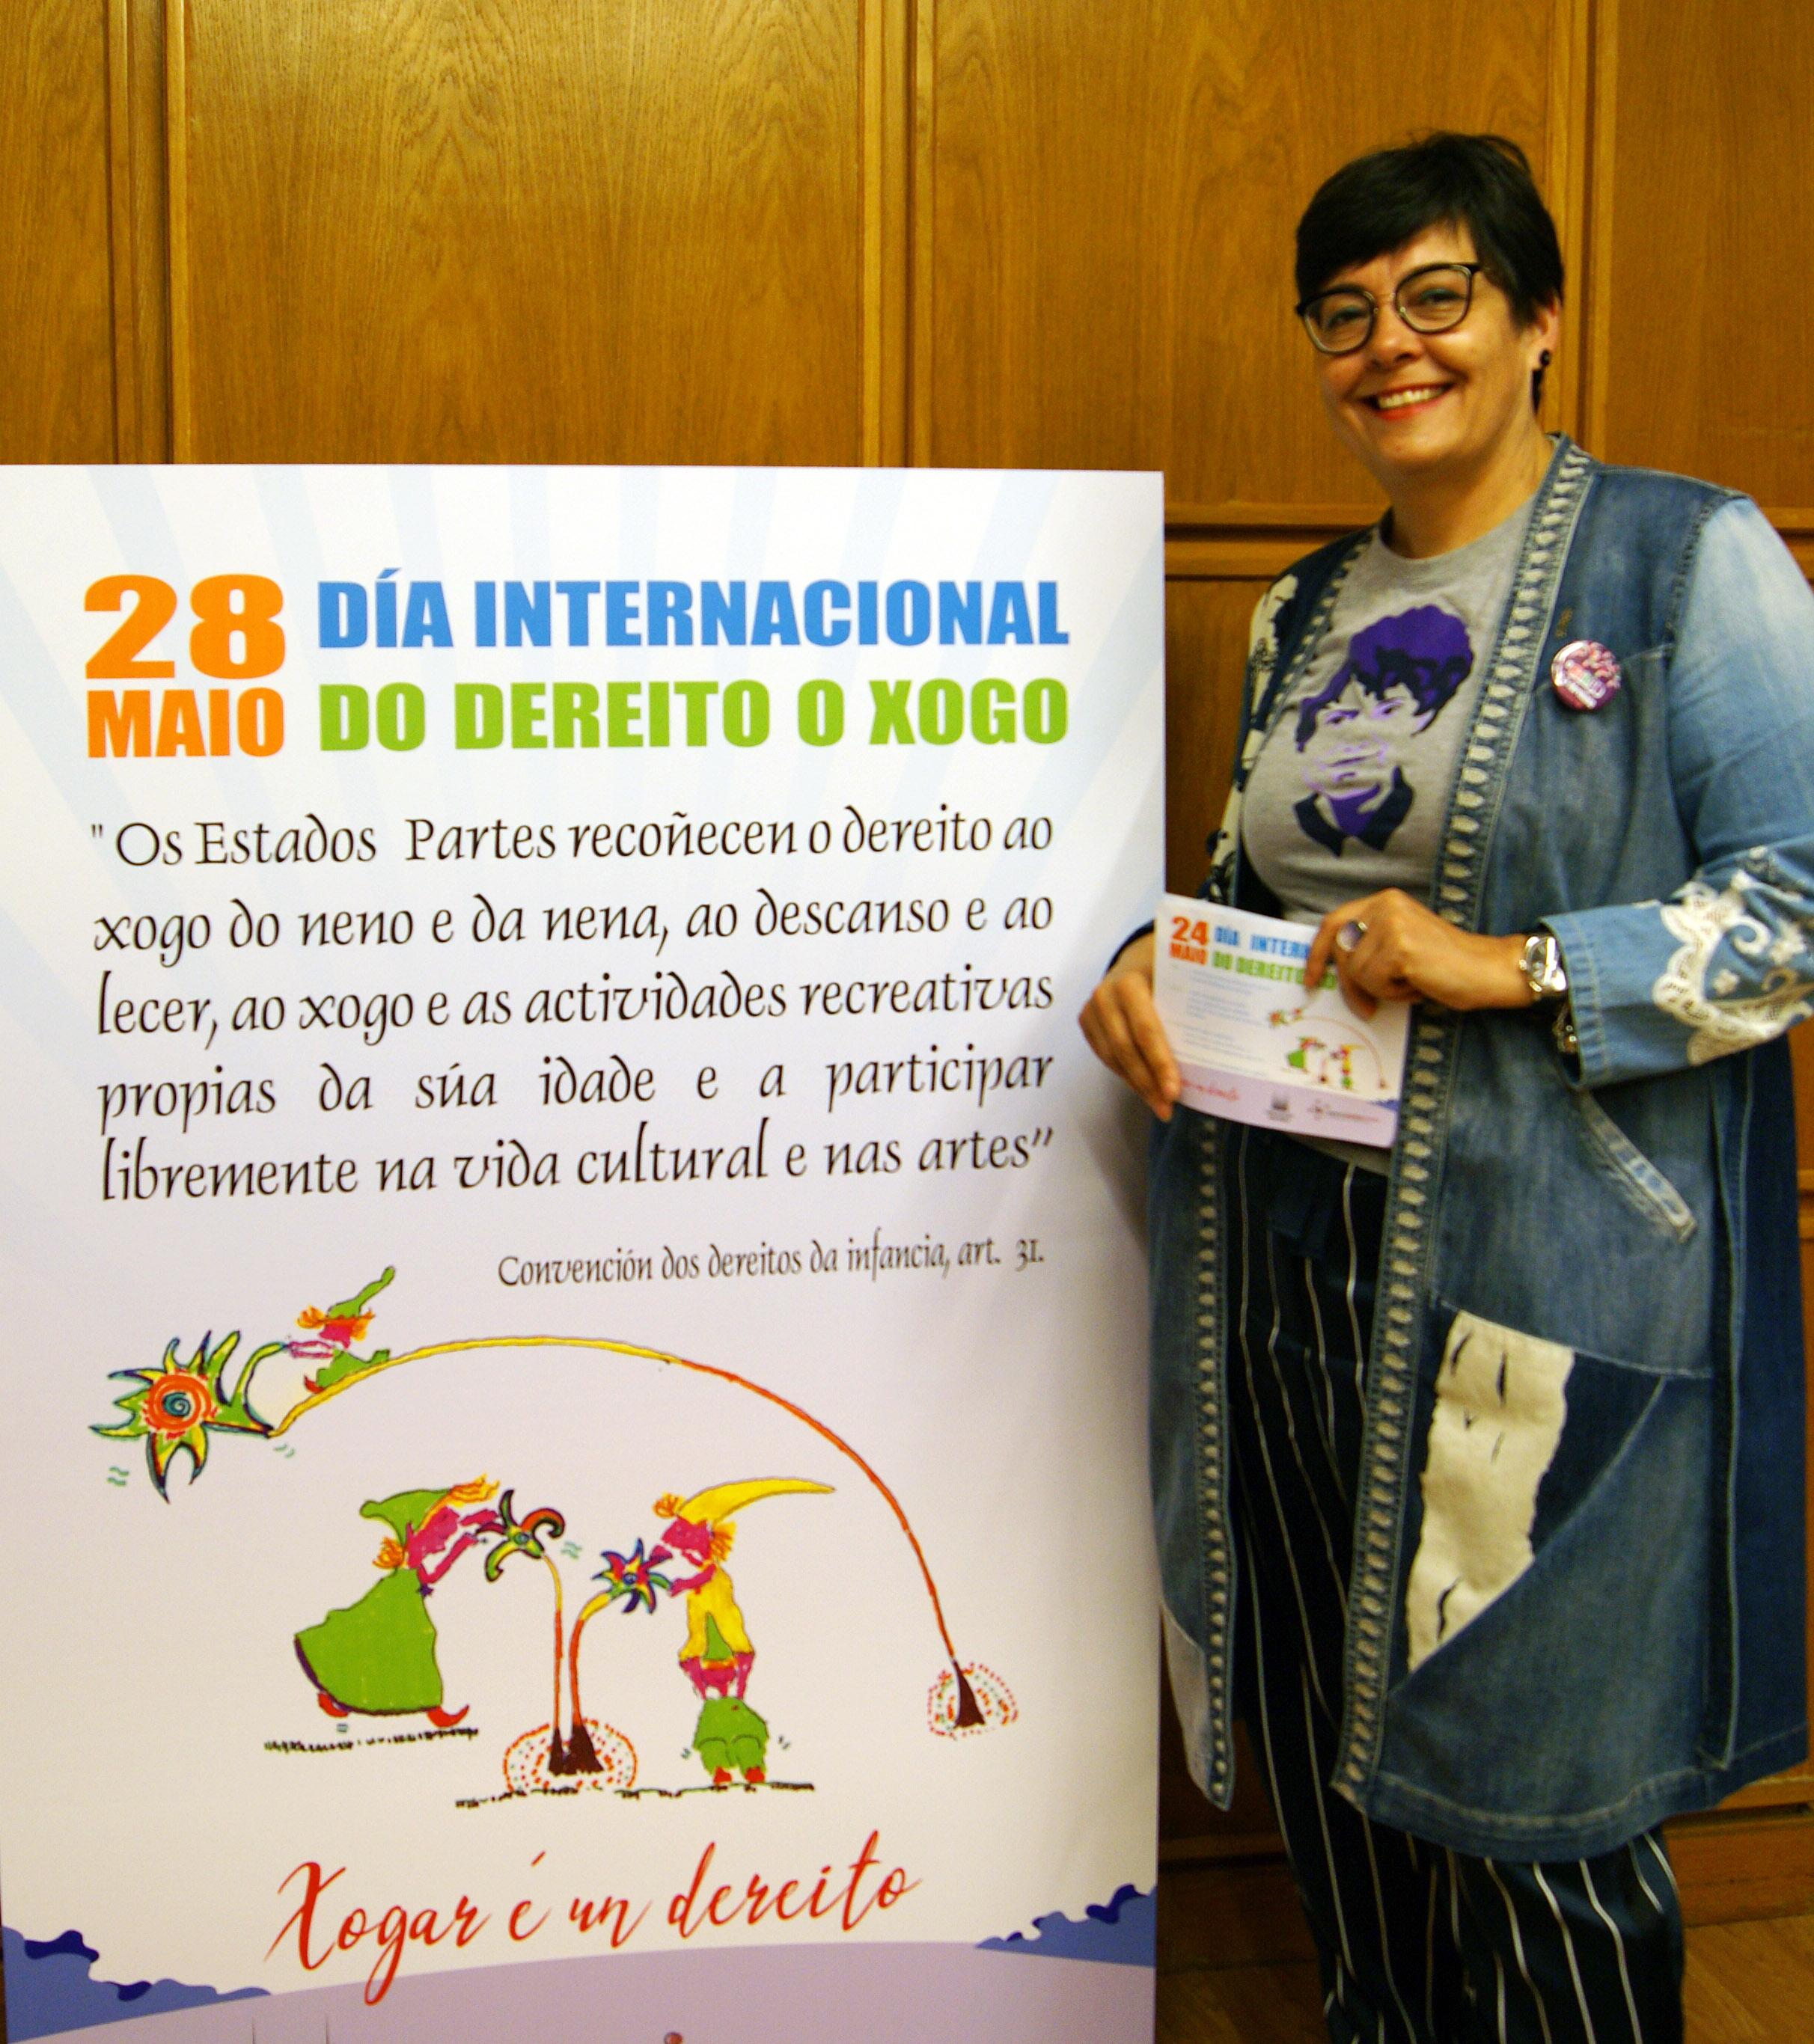 A concelleira co cartel do  Internacional do Dereito ao Xogo, que se celebra o vindeiro 28 de maio.